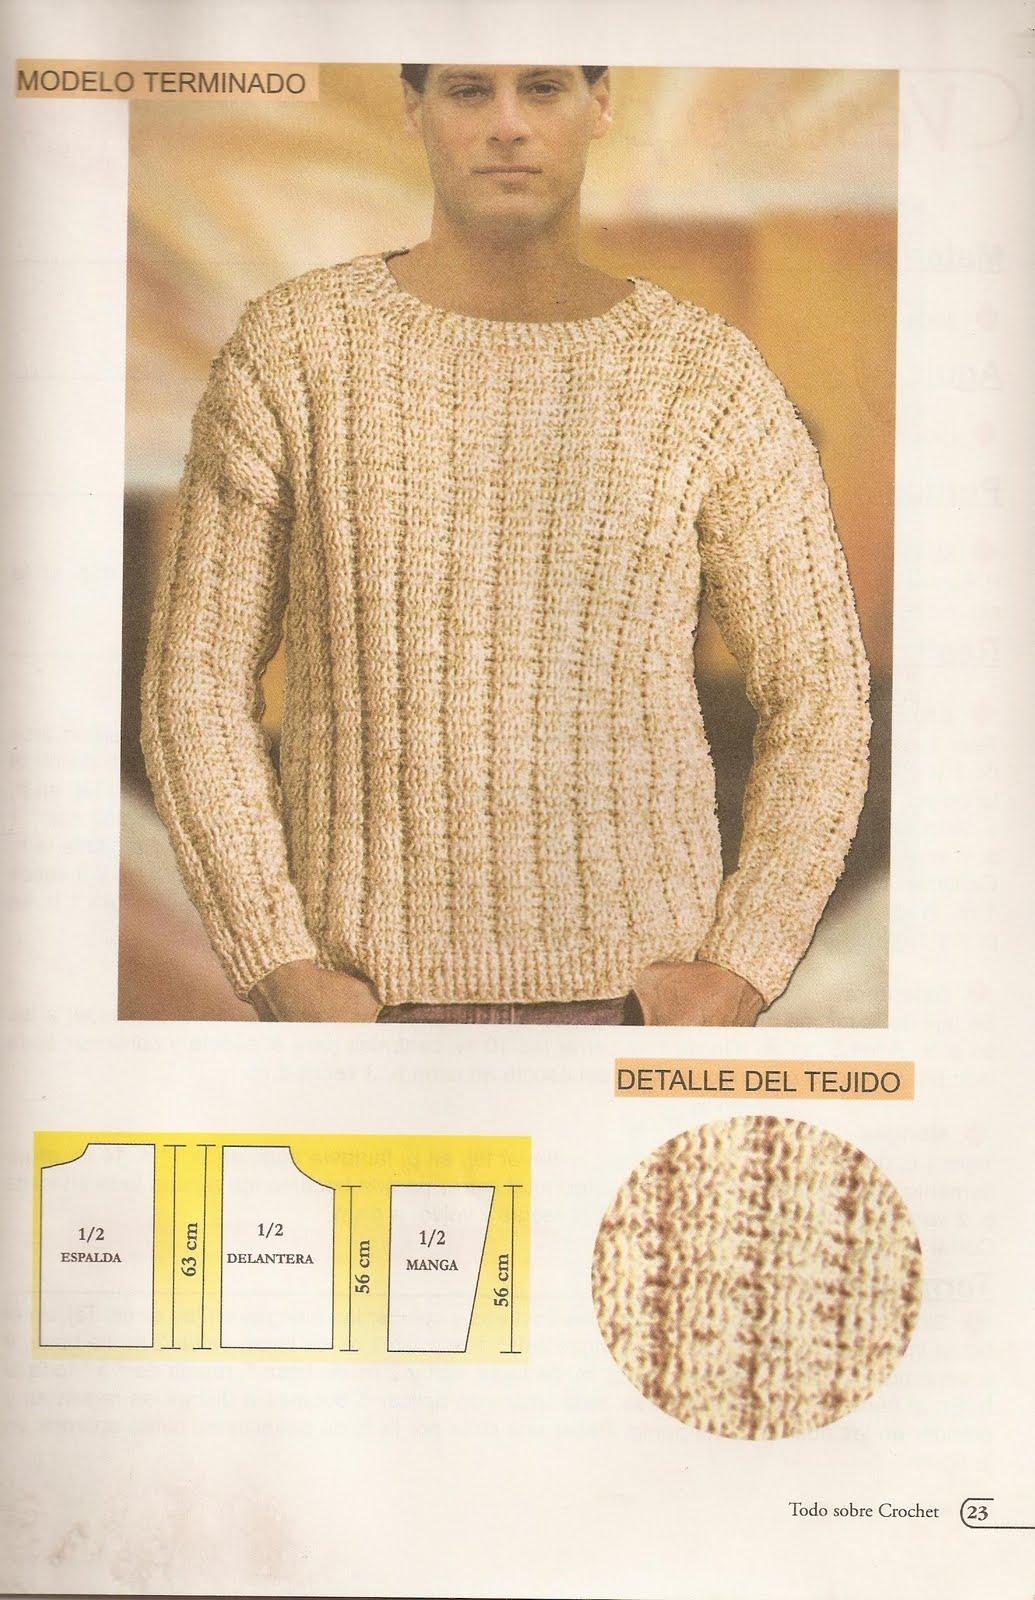 Encantador Hombre Del Modelo Suéter Crochet Fotos - Ideas de Patrón ...